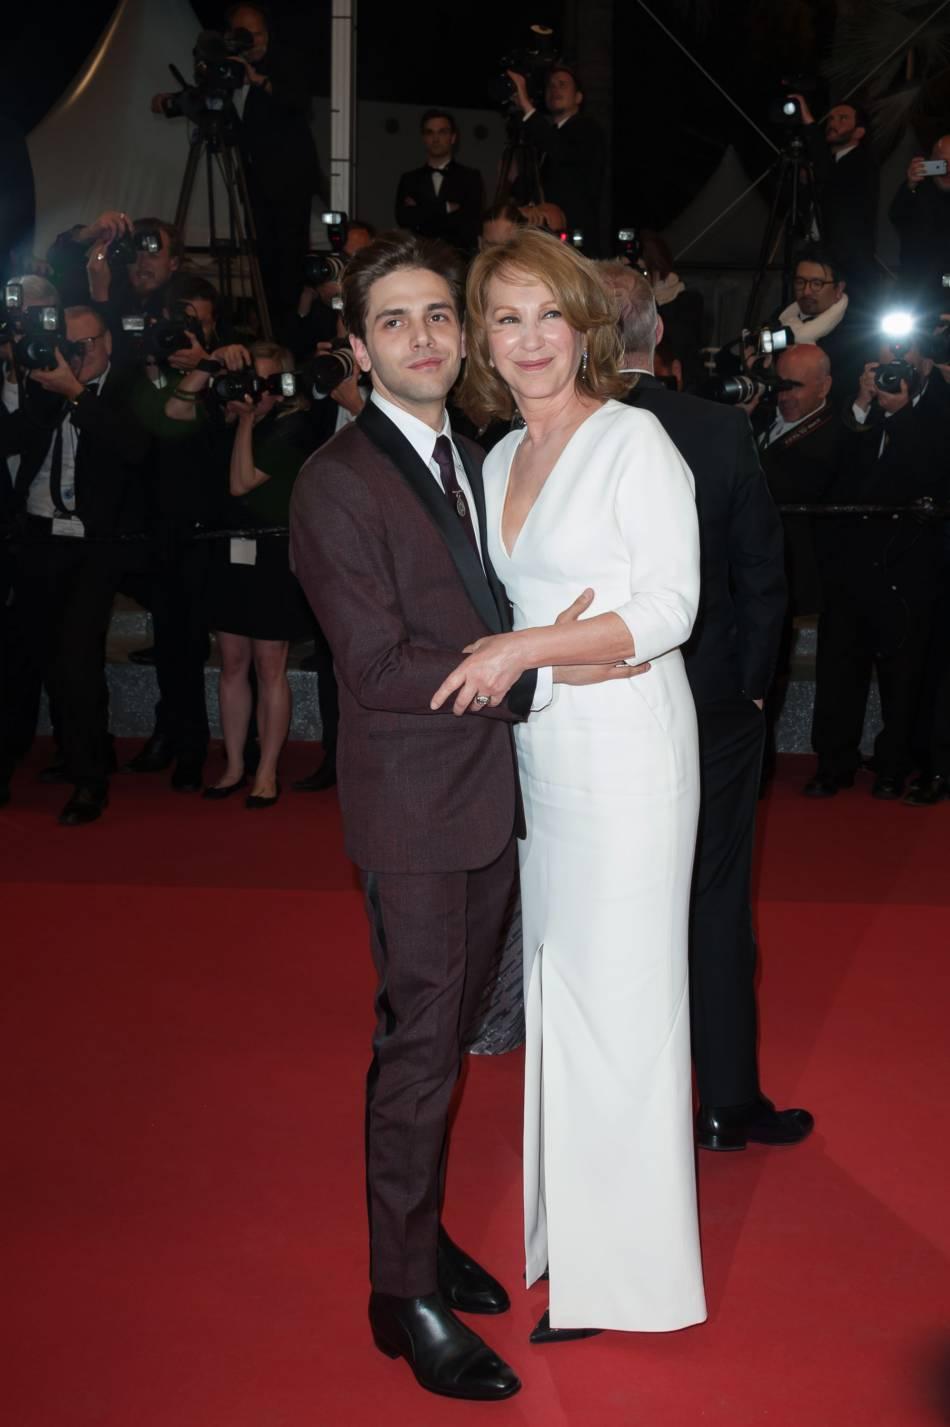 Nathalie Baye et Xavier Dolan ont également partagé un moment complice sur le red carpet.